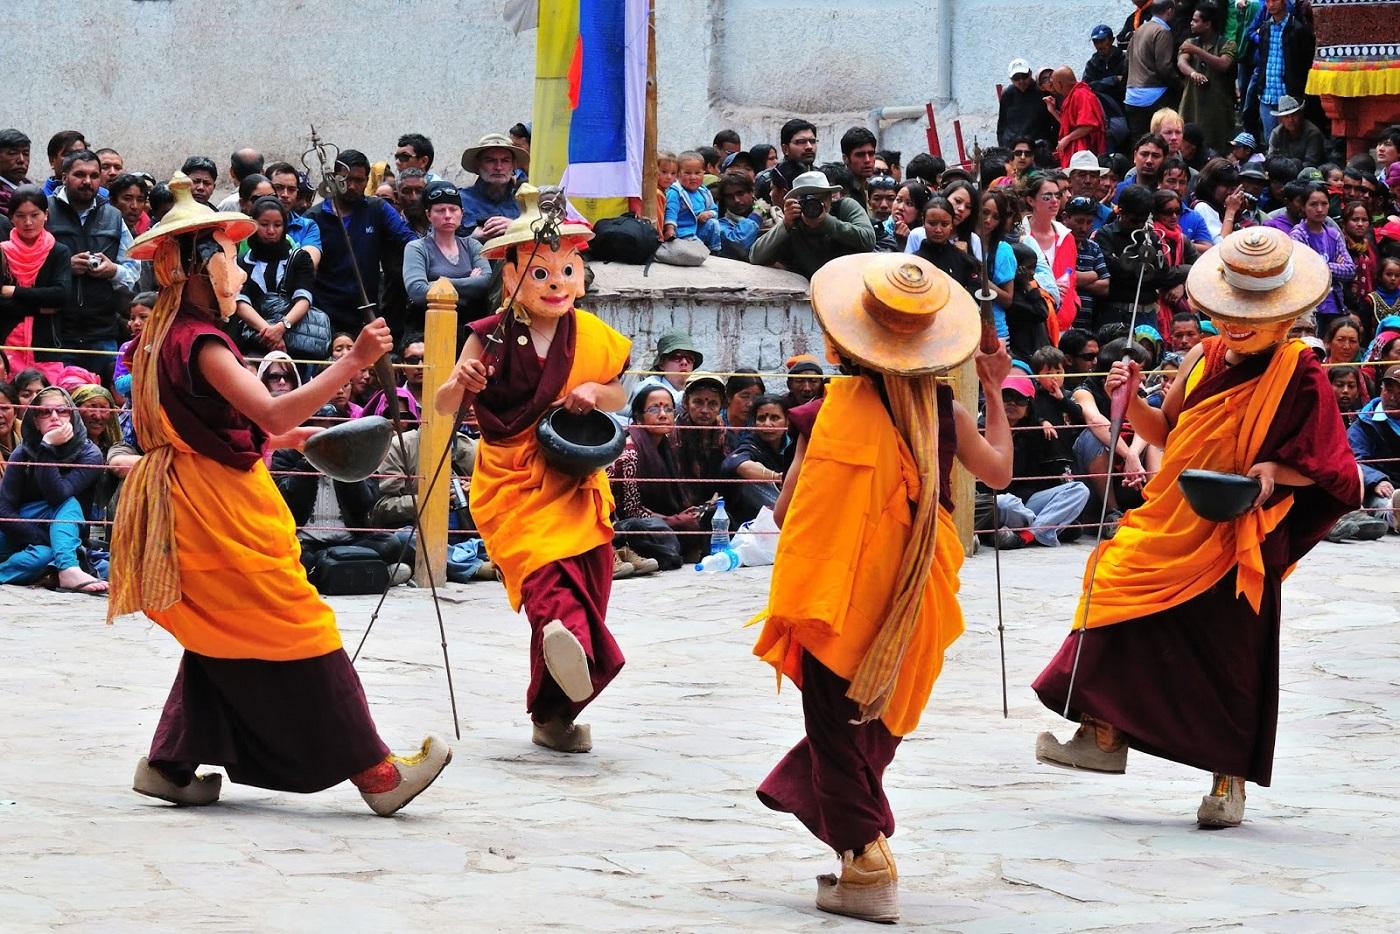 Losar Festival in India